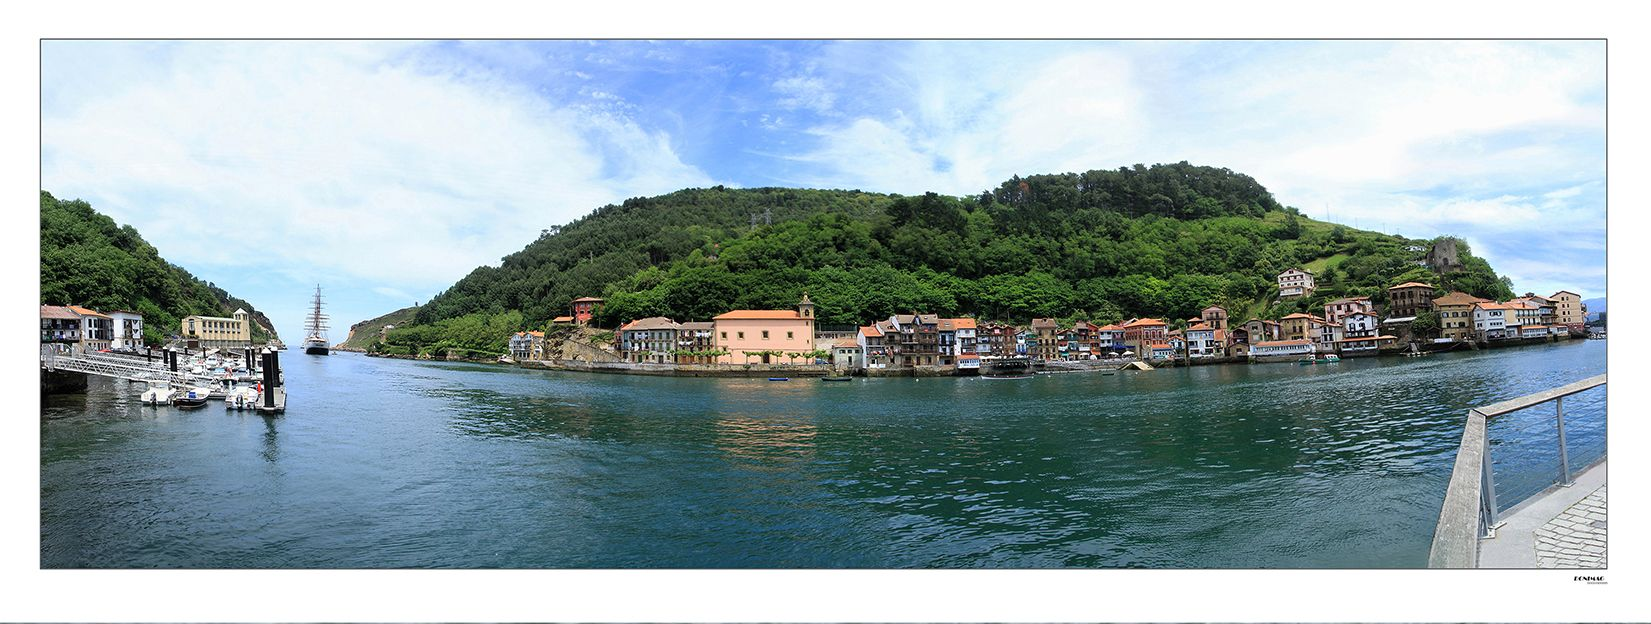 foto panoramica san juan velero